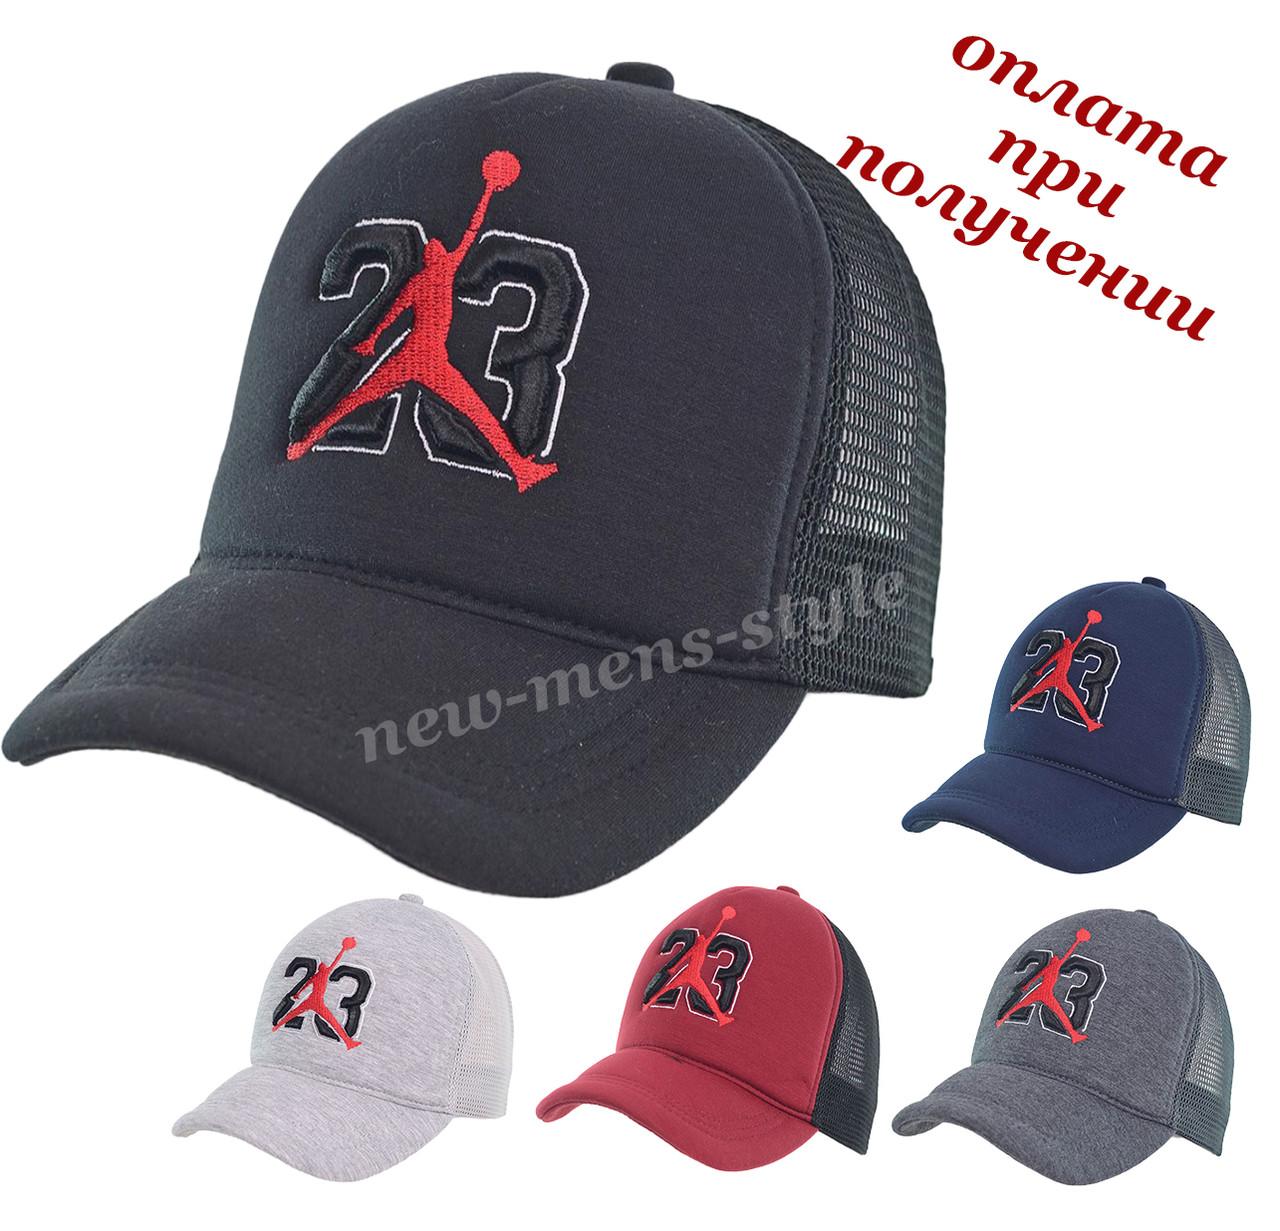 Мужская молодежная модная стильная спортивная кепка бейсболка блайзер тракер Jordan Nike 23 с сеткой (в сетку)